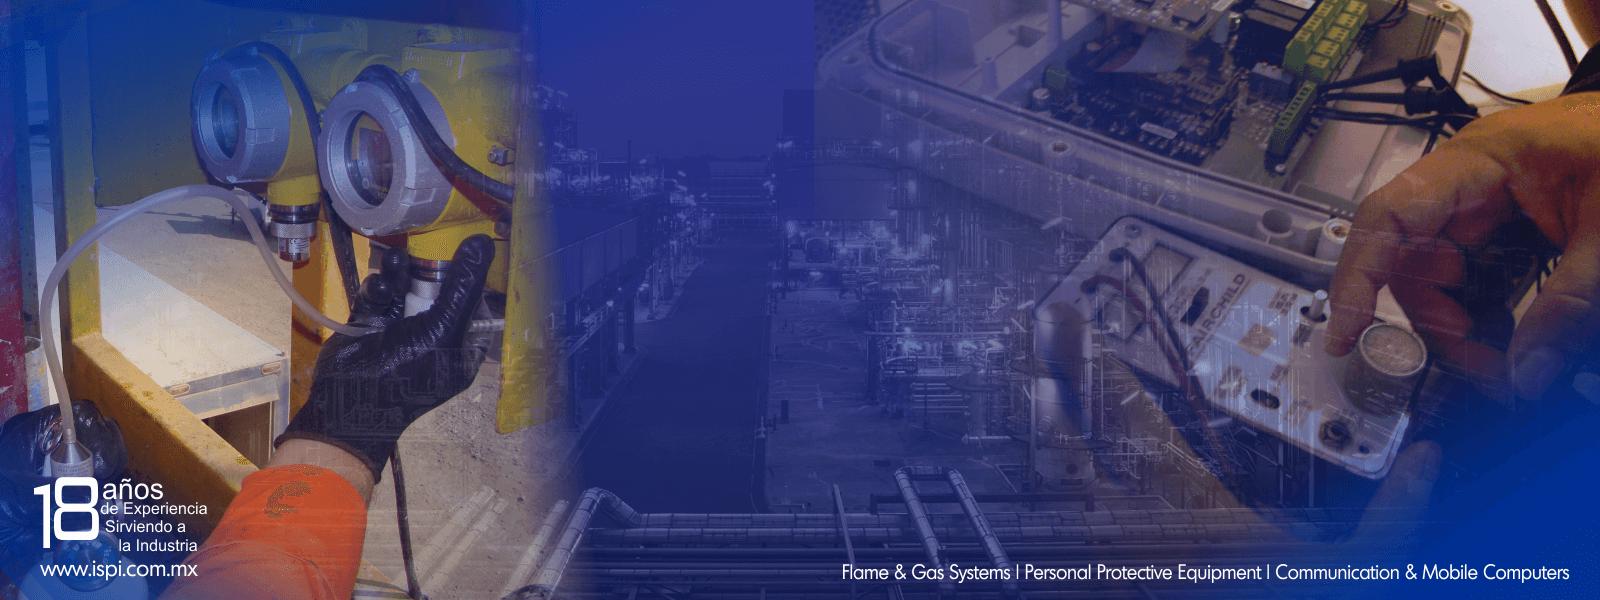 Servicios de calibracion a monitores de gases toxicos y %lel